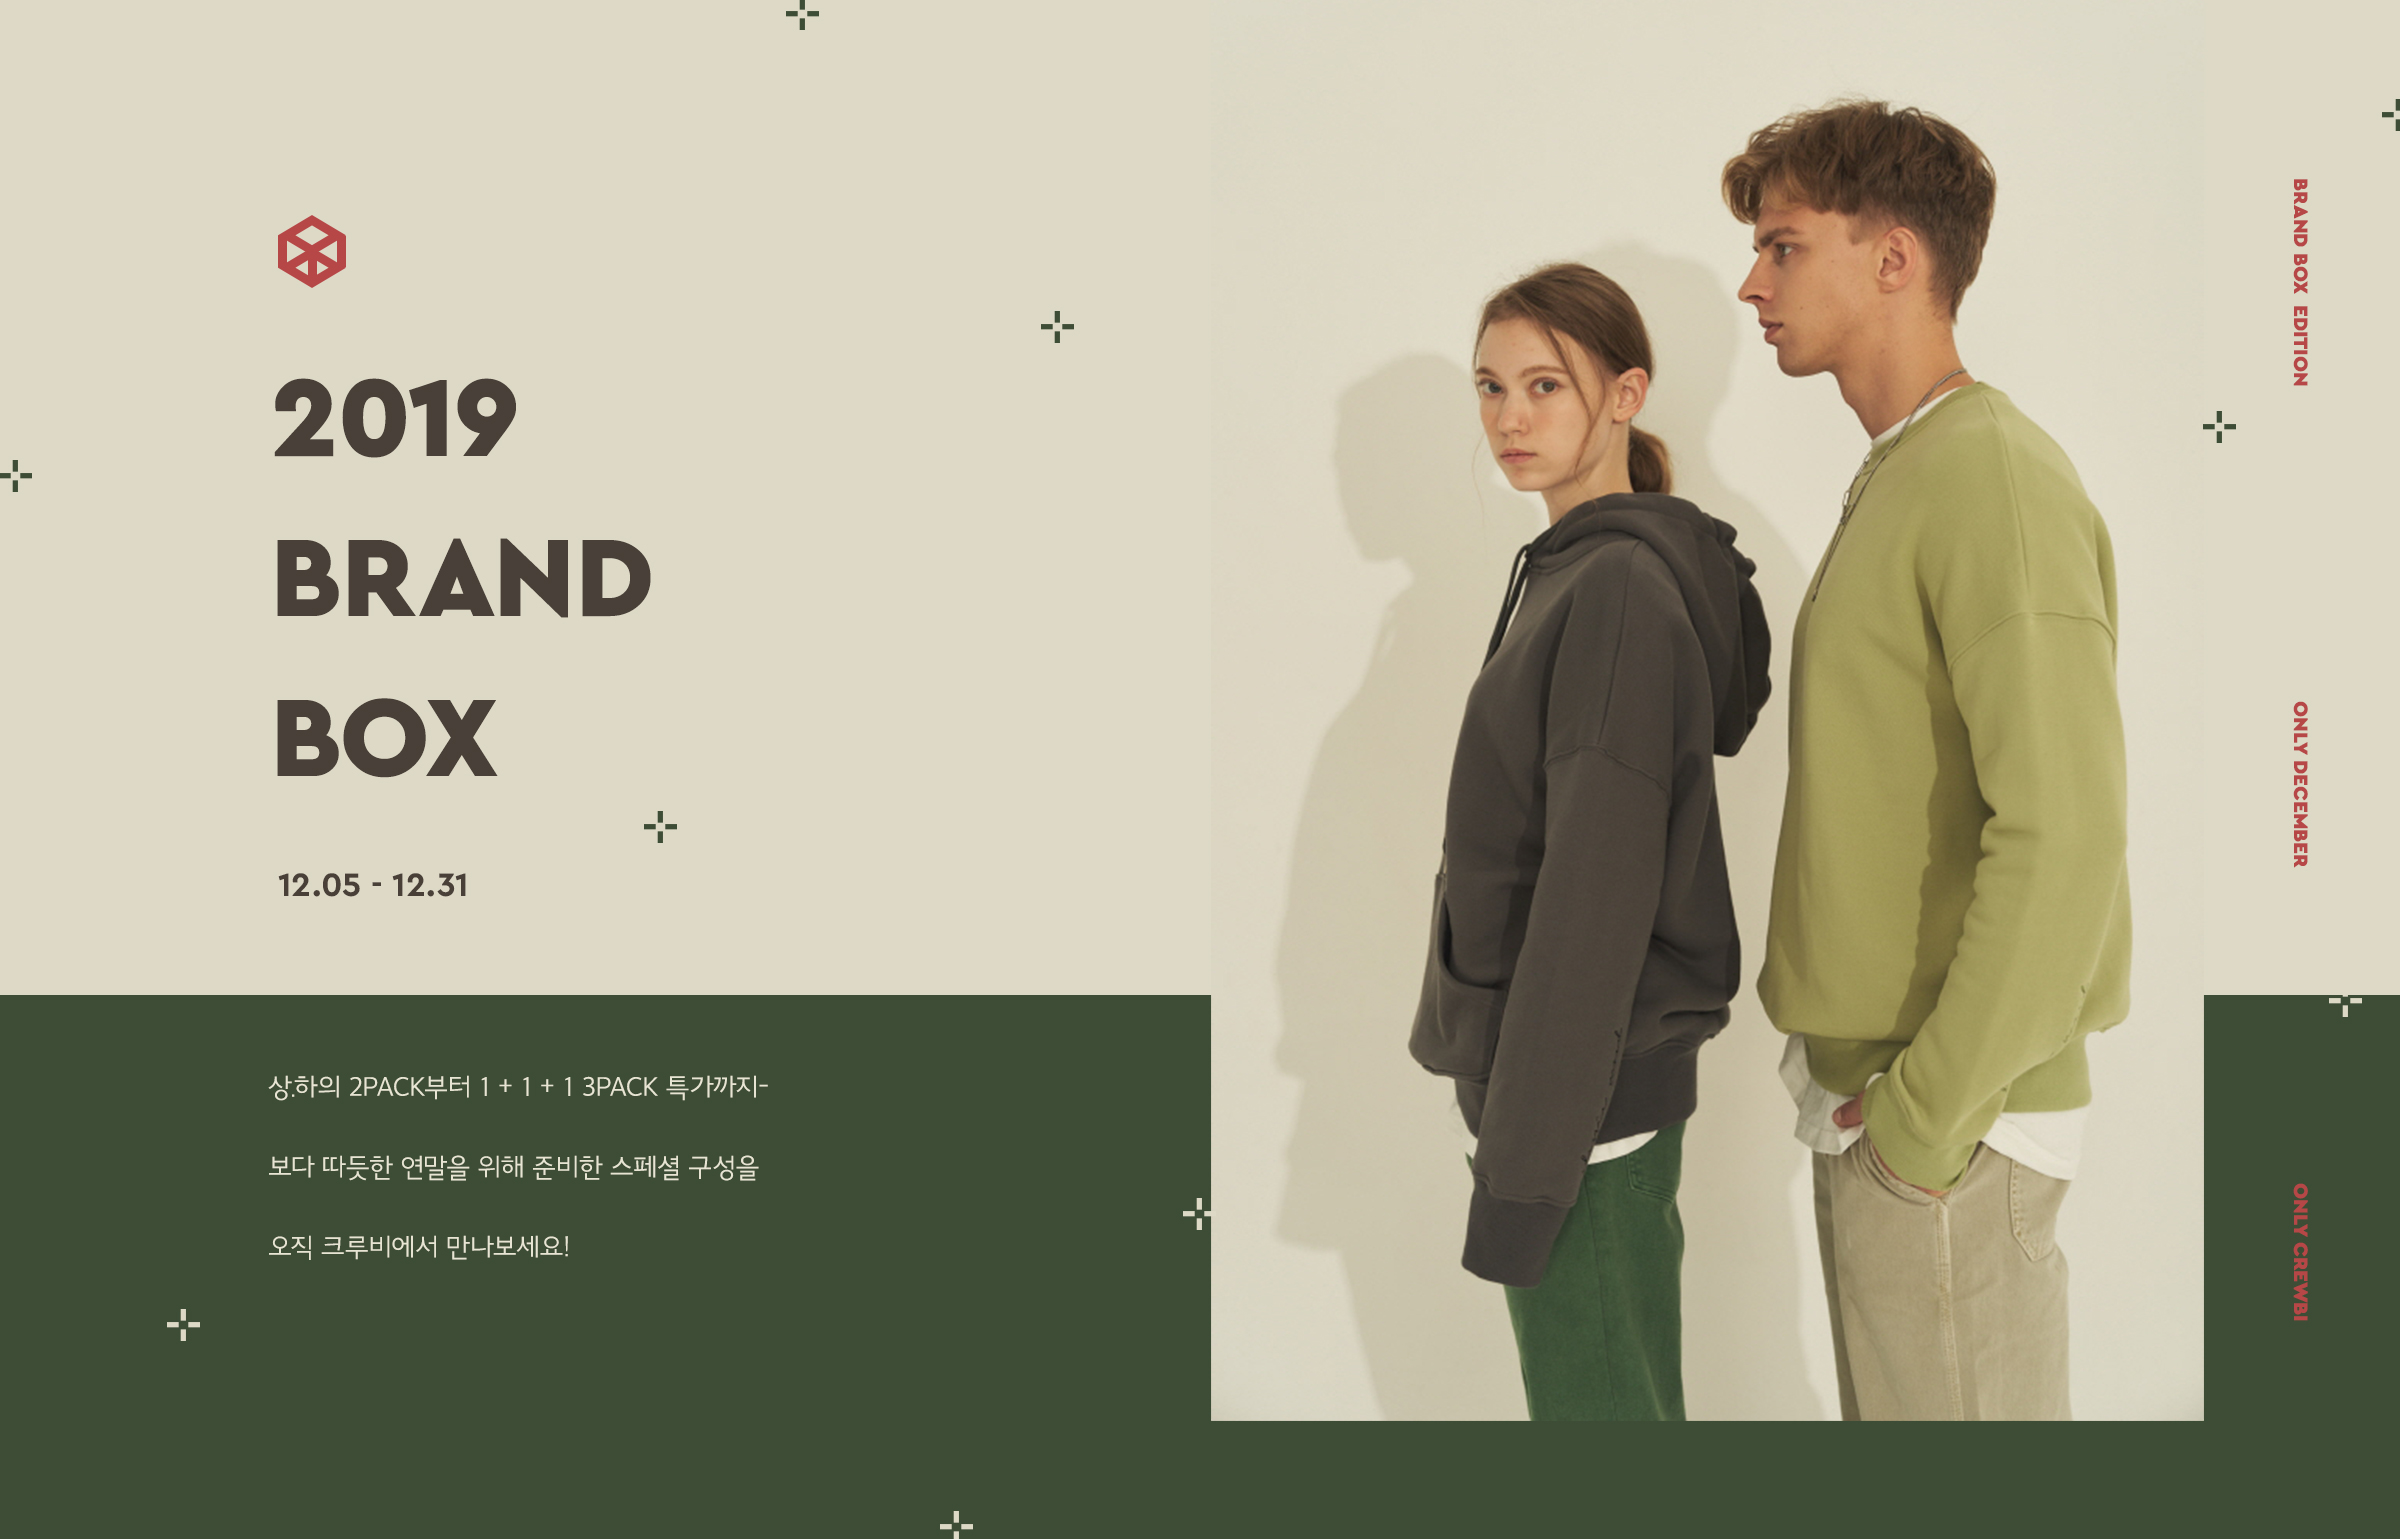 2019 브랜드박스 에디션